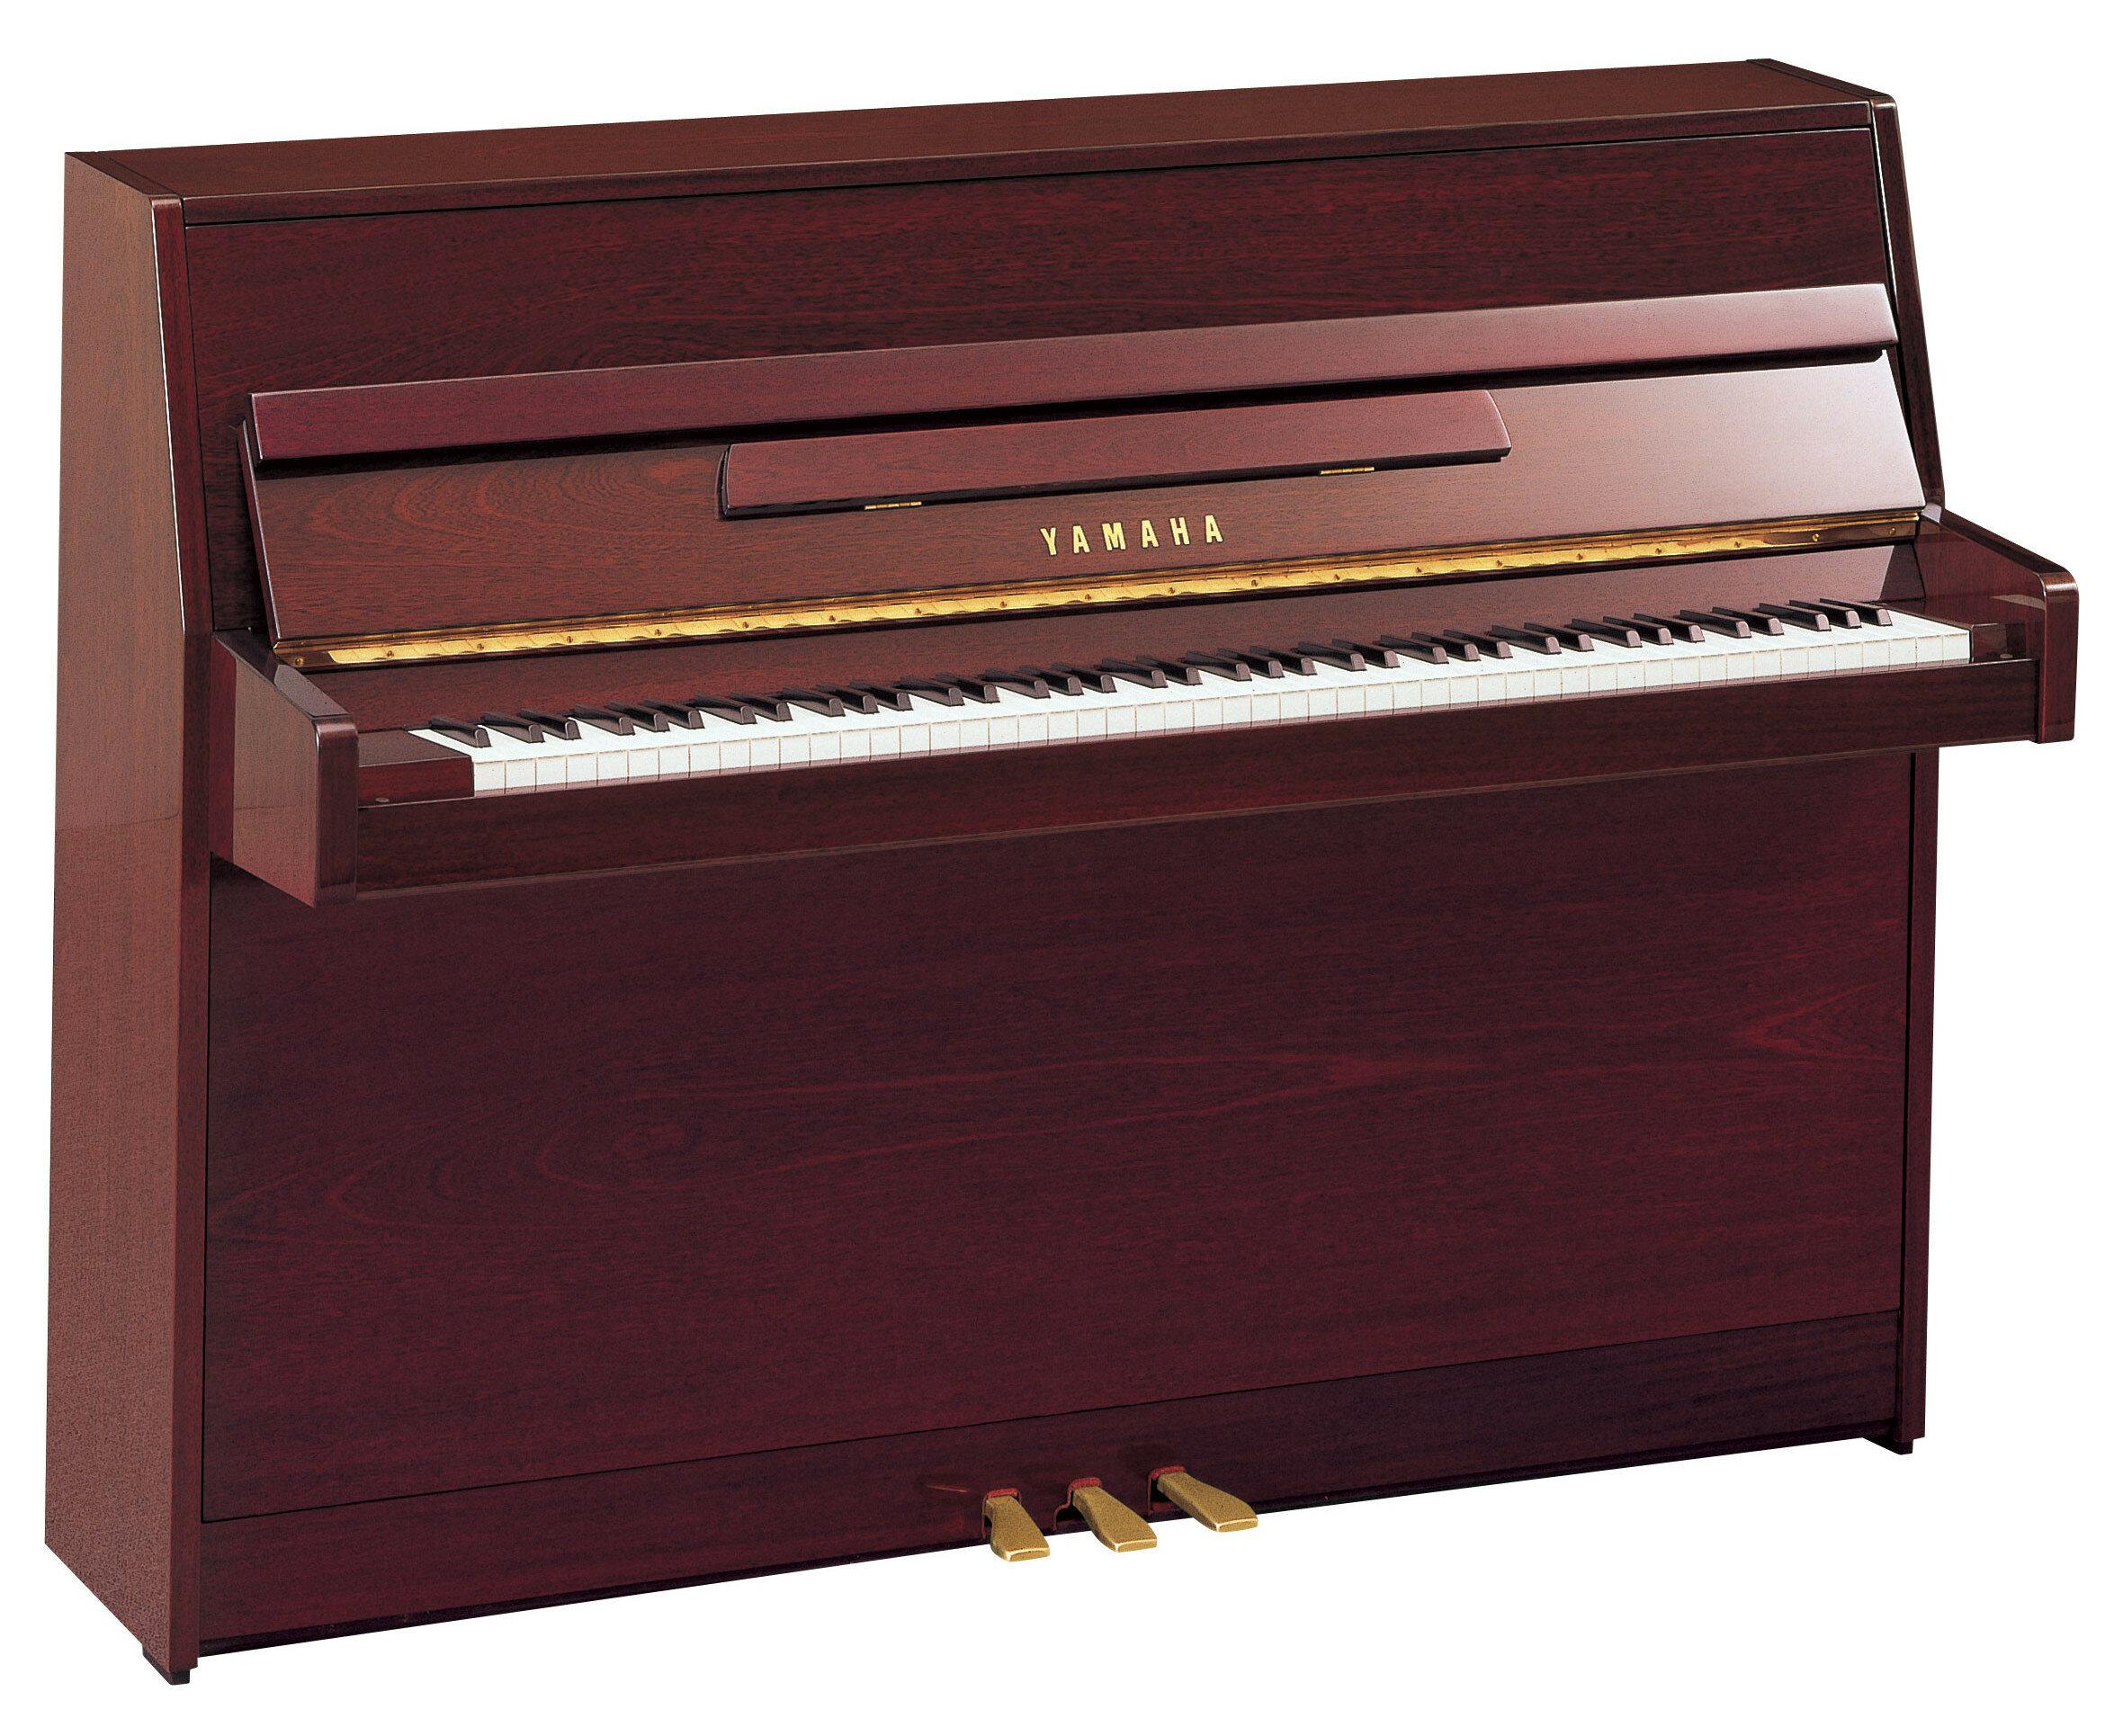 YAMAHA JU109 PM, цвет красное дерево полированное (Акустические пианино)